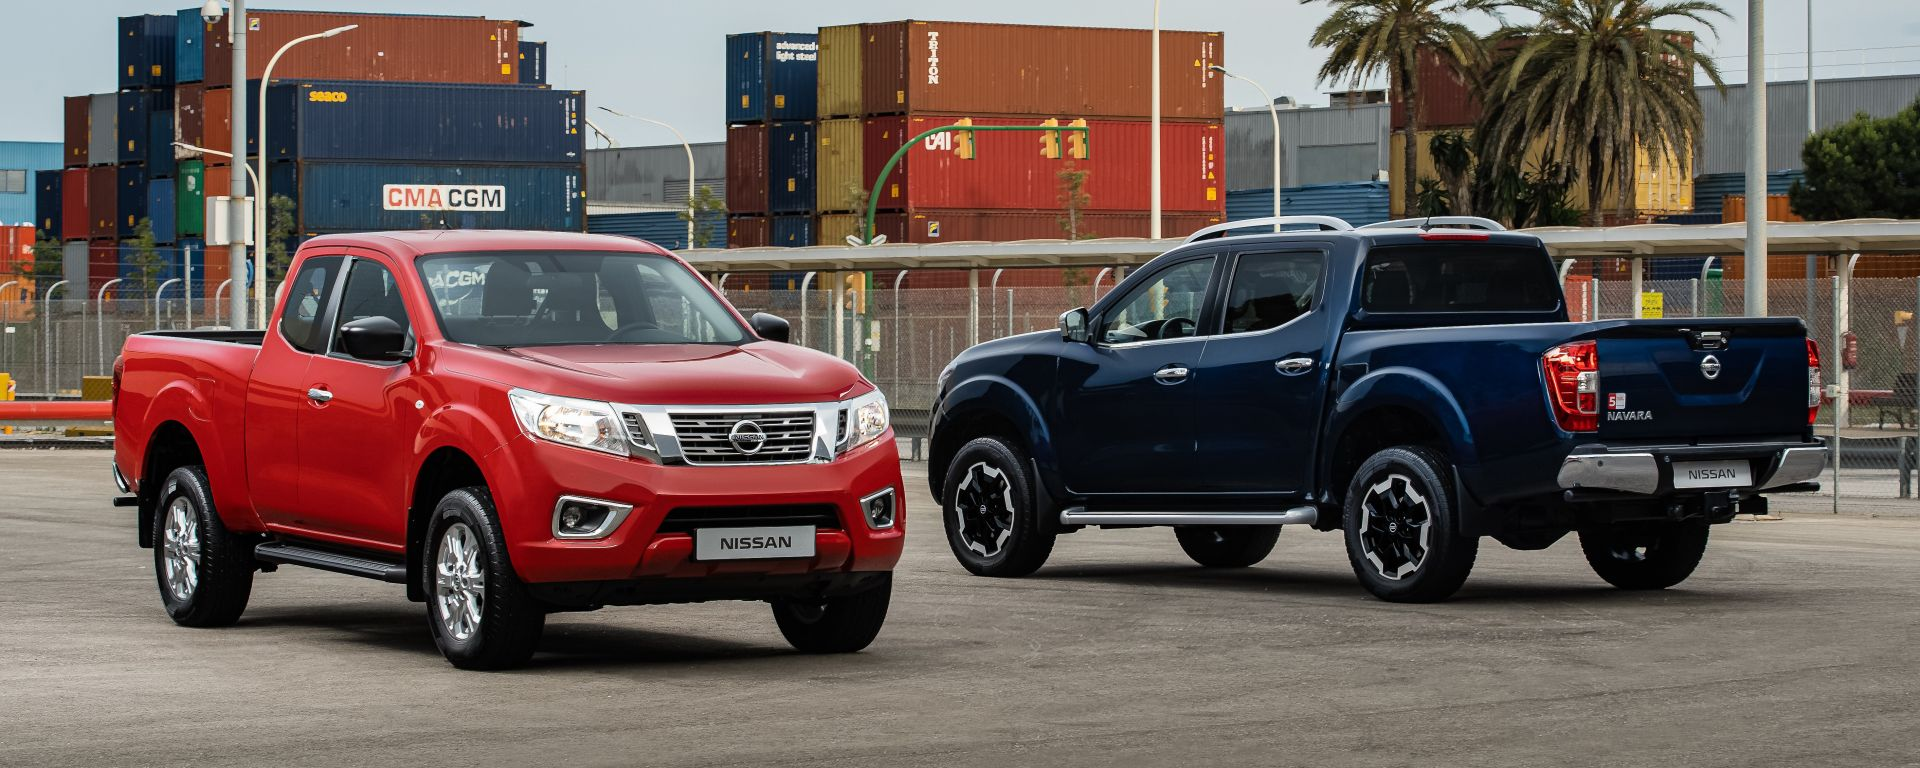 Nissan Navara King Cab: foto, prezzo, motore, caratteristiche